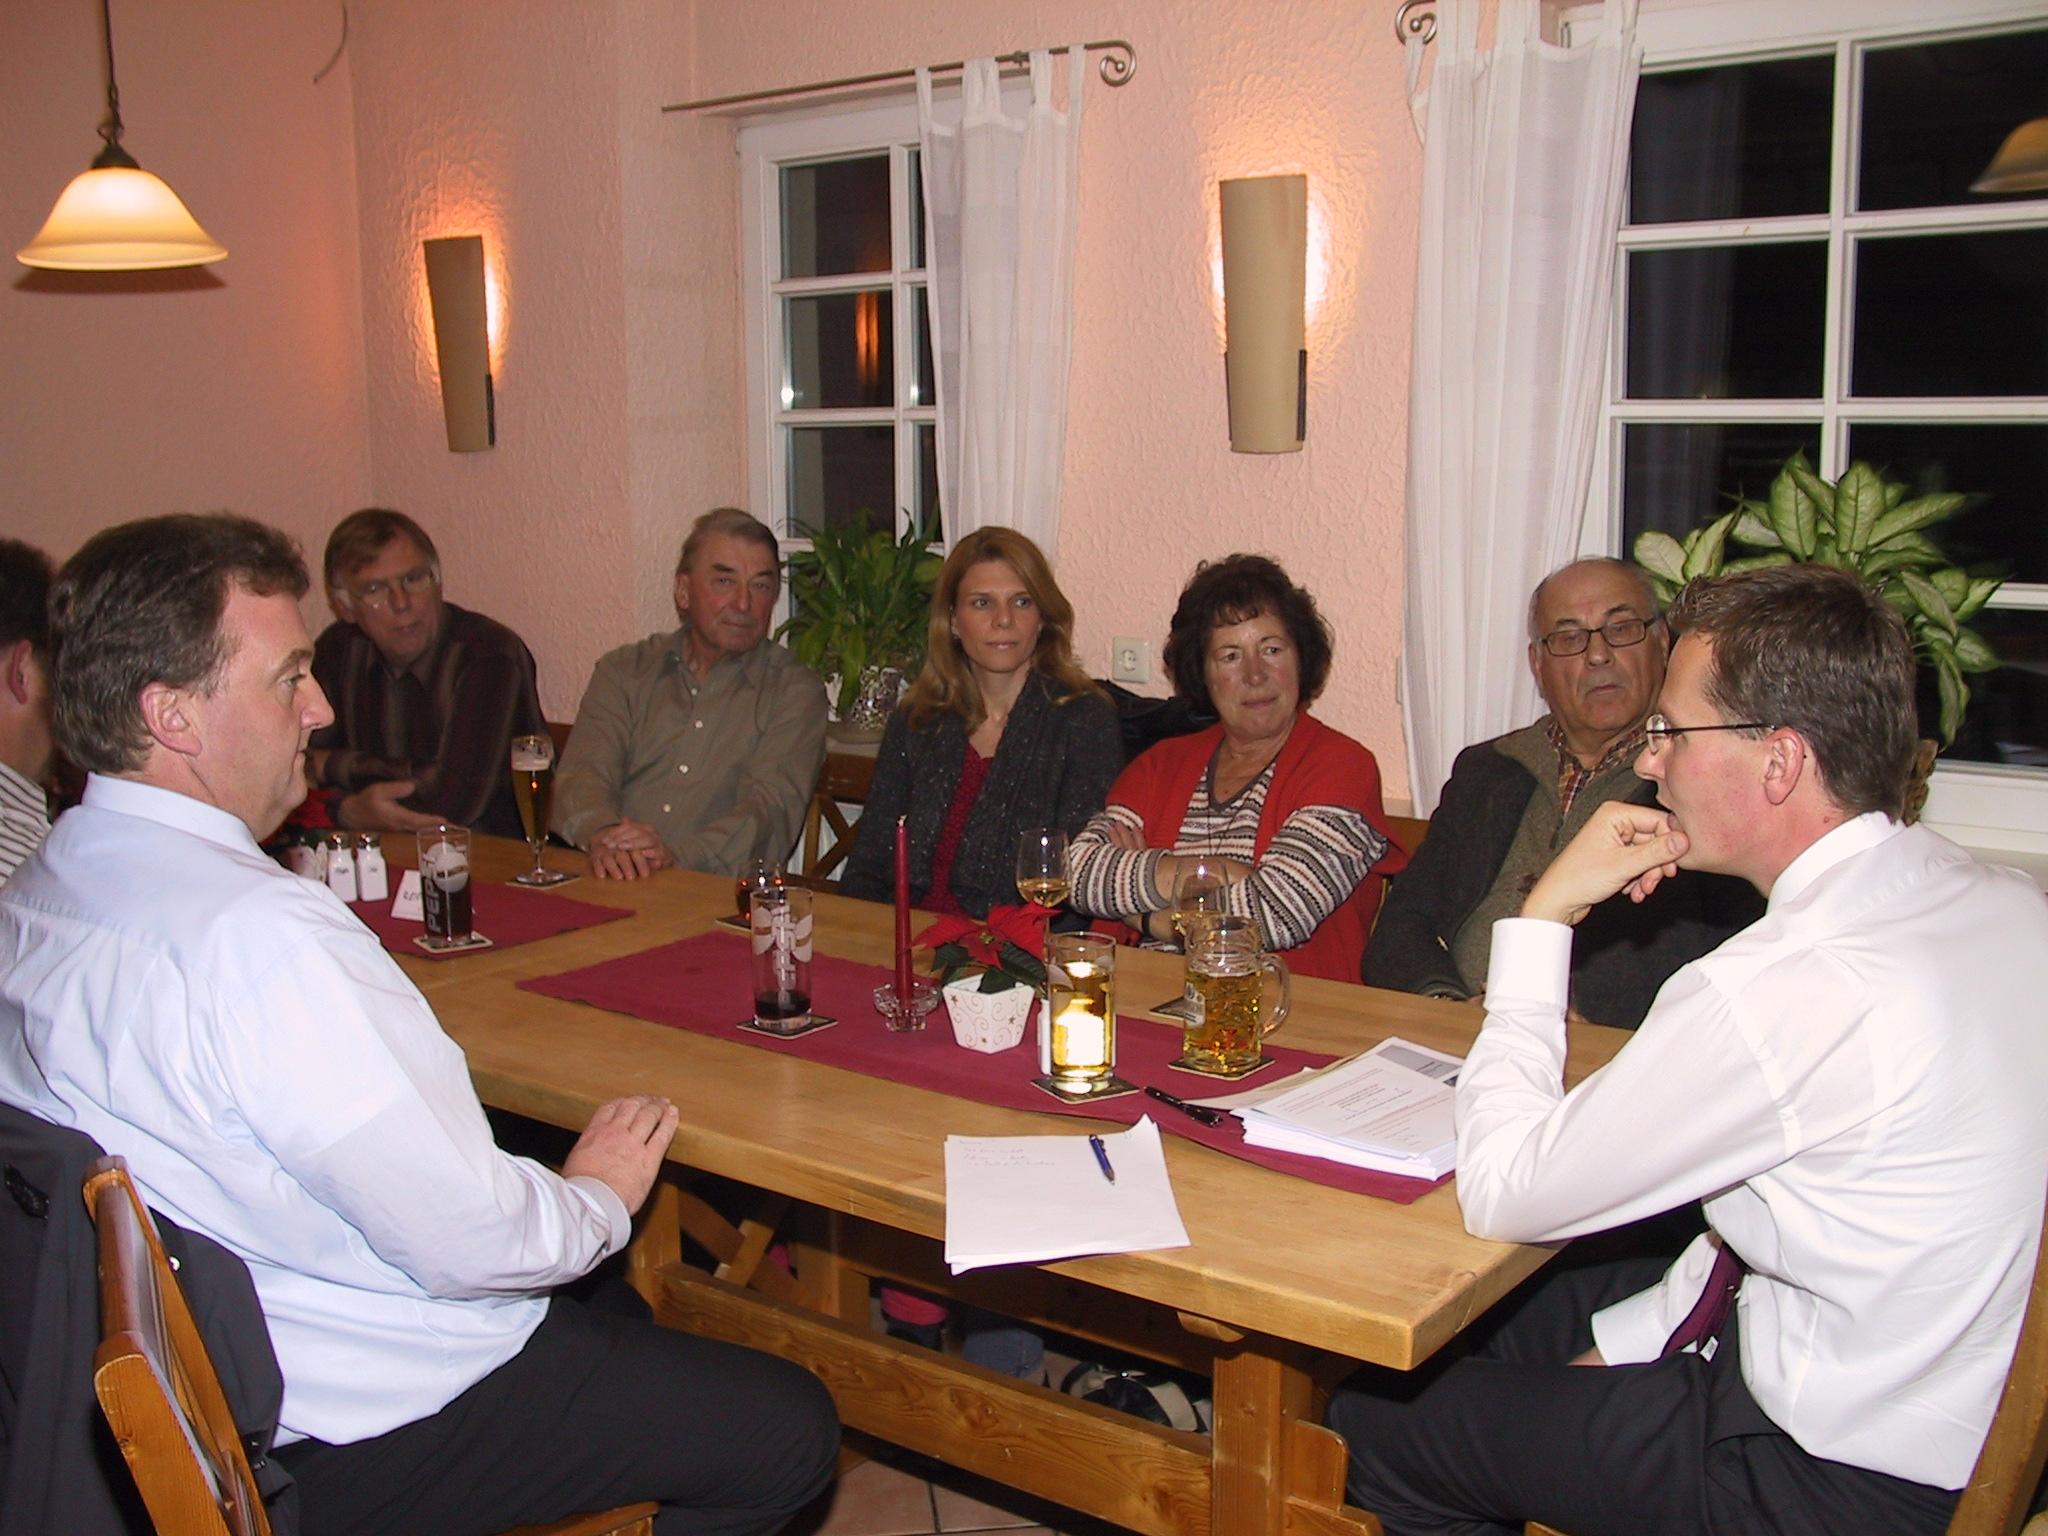 Beim CDU Stammtisch in Rosenfeld referierte Thorsten Straubinger zur aktuellen Finanzmarktpolitik.